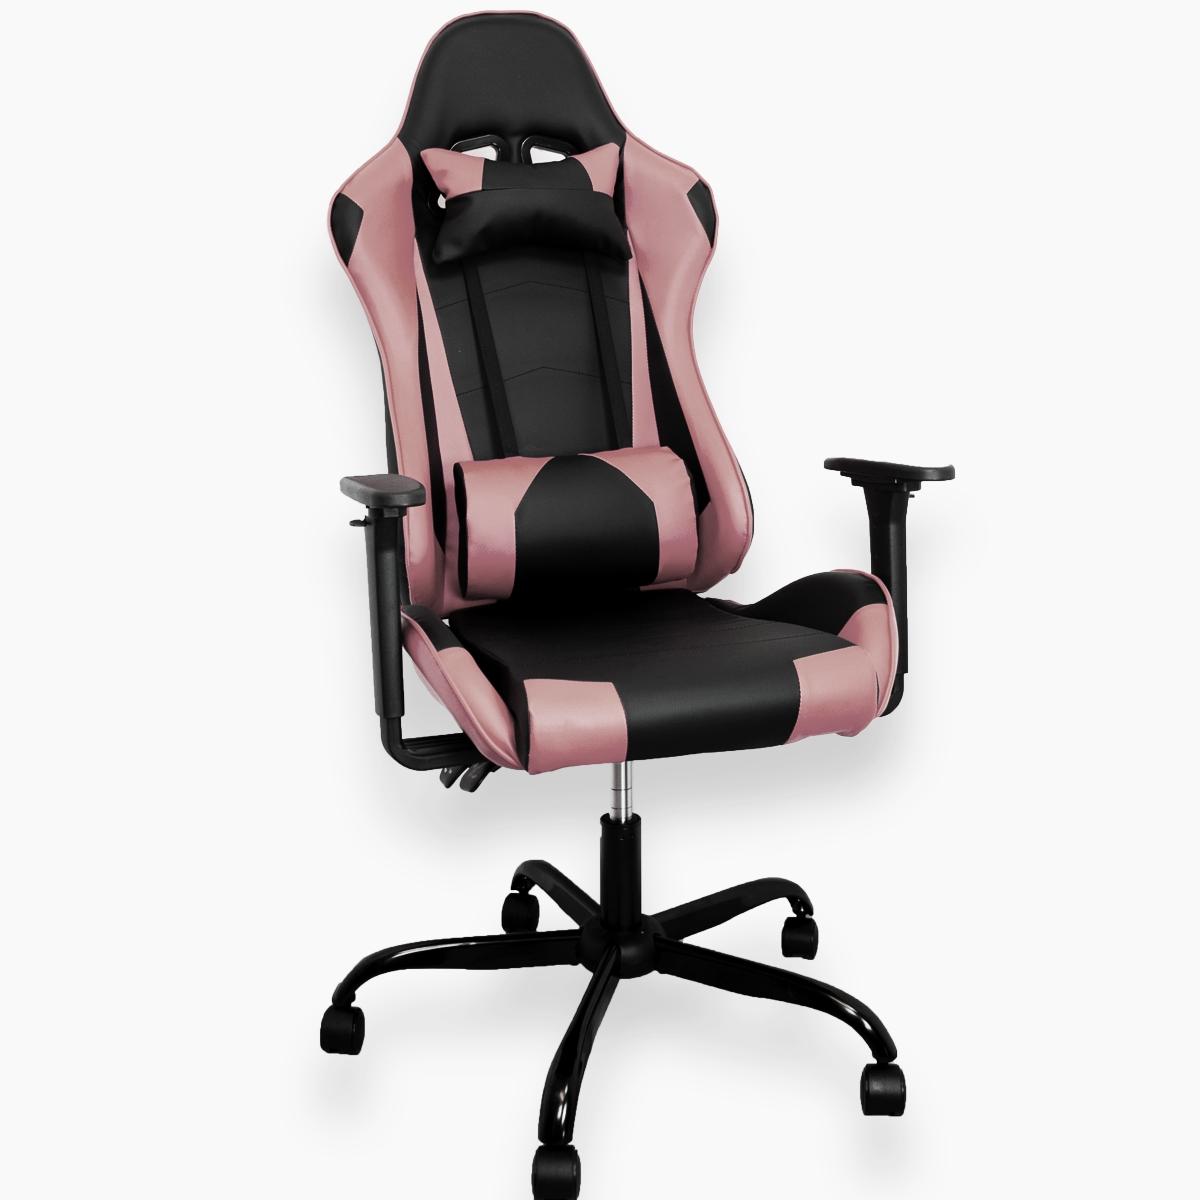 miniatura 30 - Sedia Poltrona da Gaming per Ufficio reclinabile Imbottita ergonomica GTX RTX